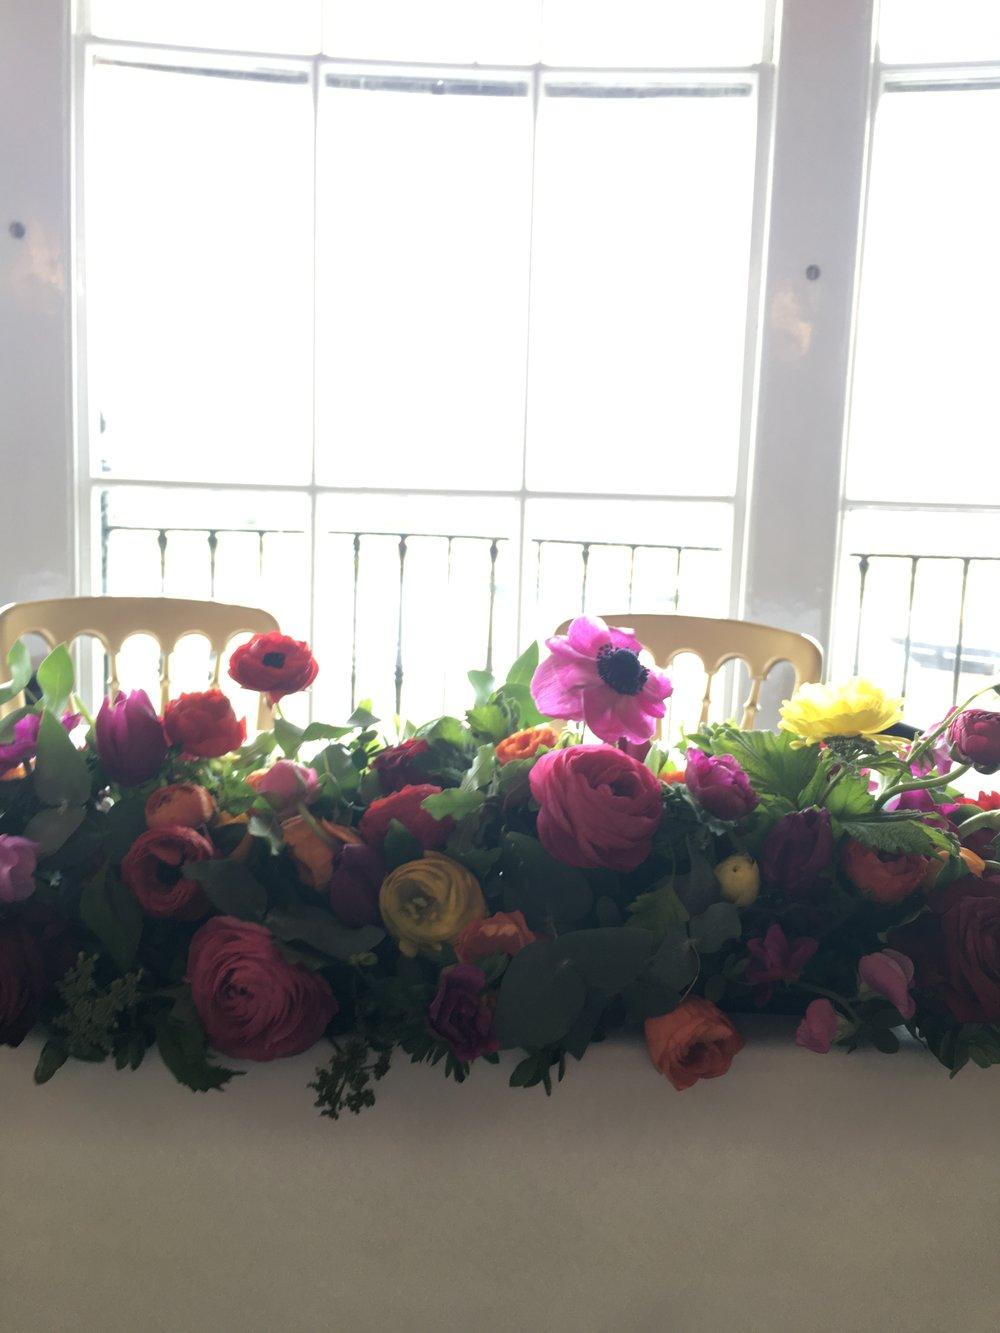 Trafalgar tavern greenwich ceremony flowers